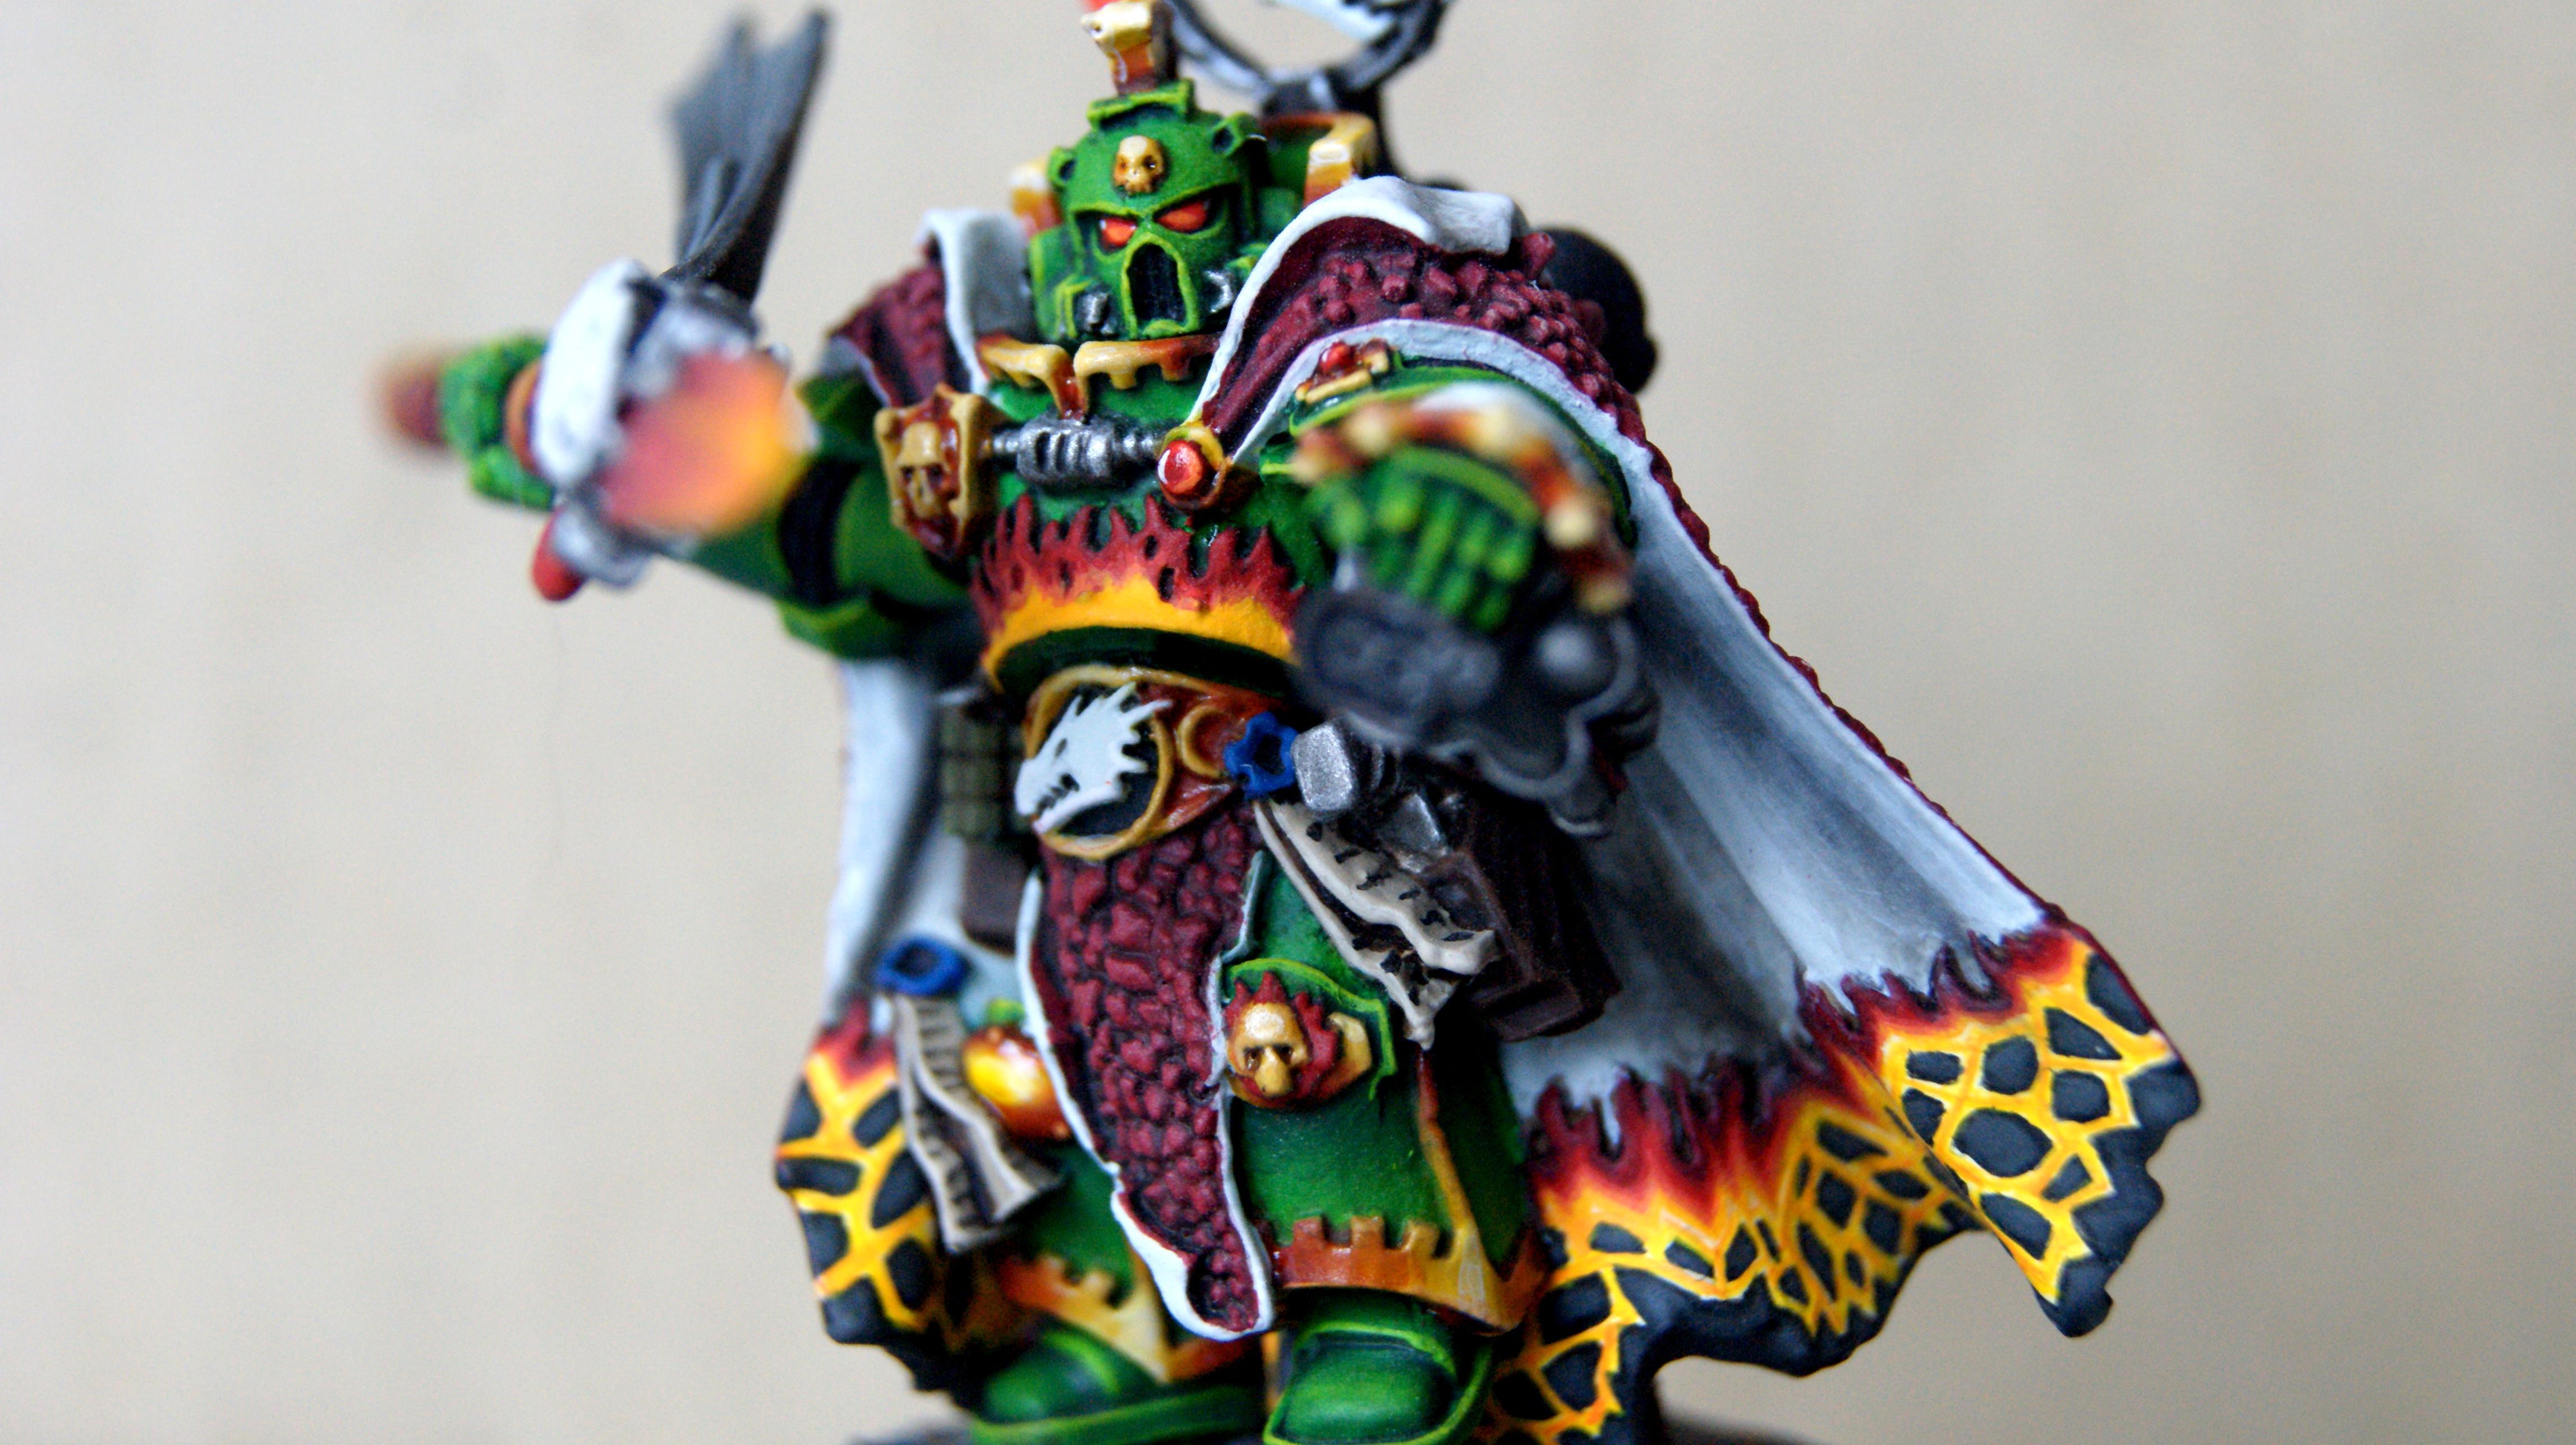 Character, Flames, Freehand, Gold, Green, Non Metalic Metal, Non-Metallic Metal, Salamanders, Space Marines, Vehicle, Vulkan, Vulkan Hestan